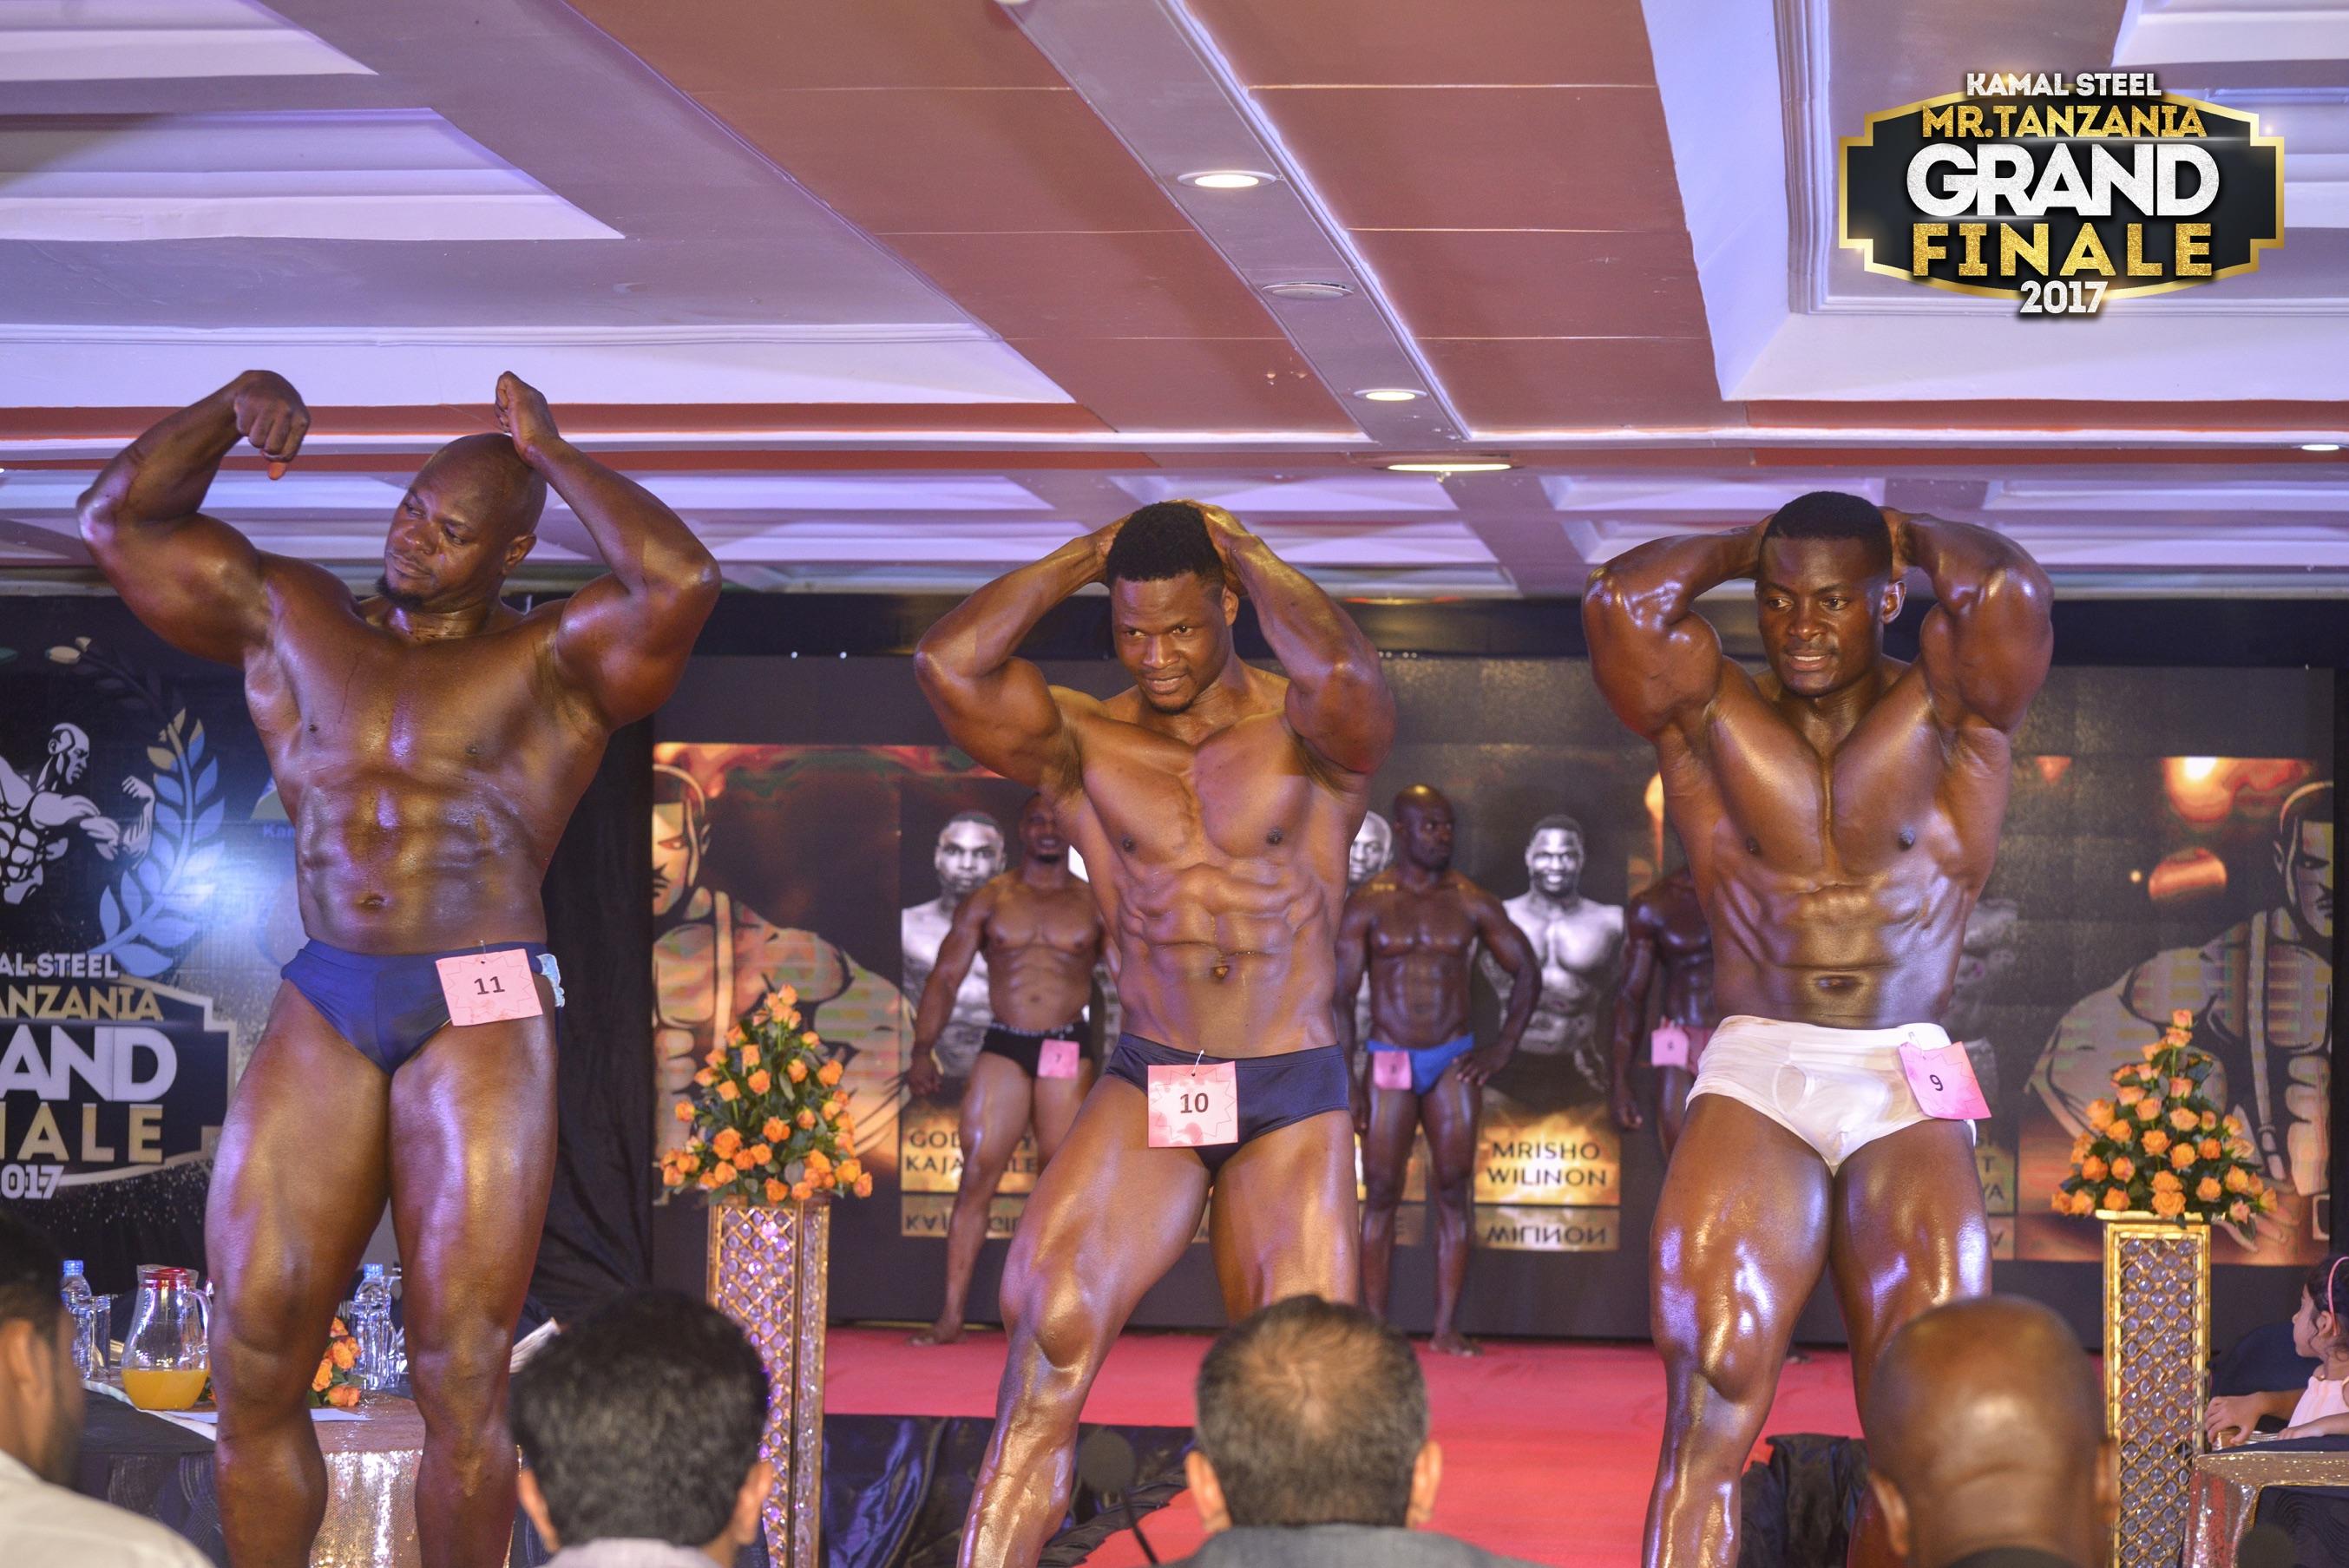 Nyakashi Norbet, Mrisho Wilnon, Abel Mwakatenya